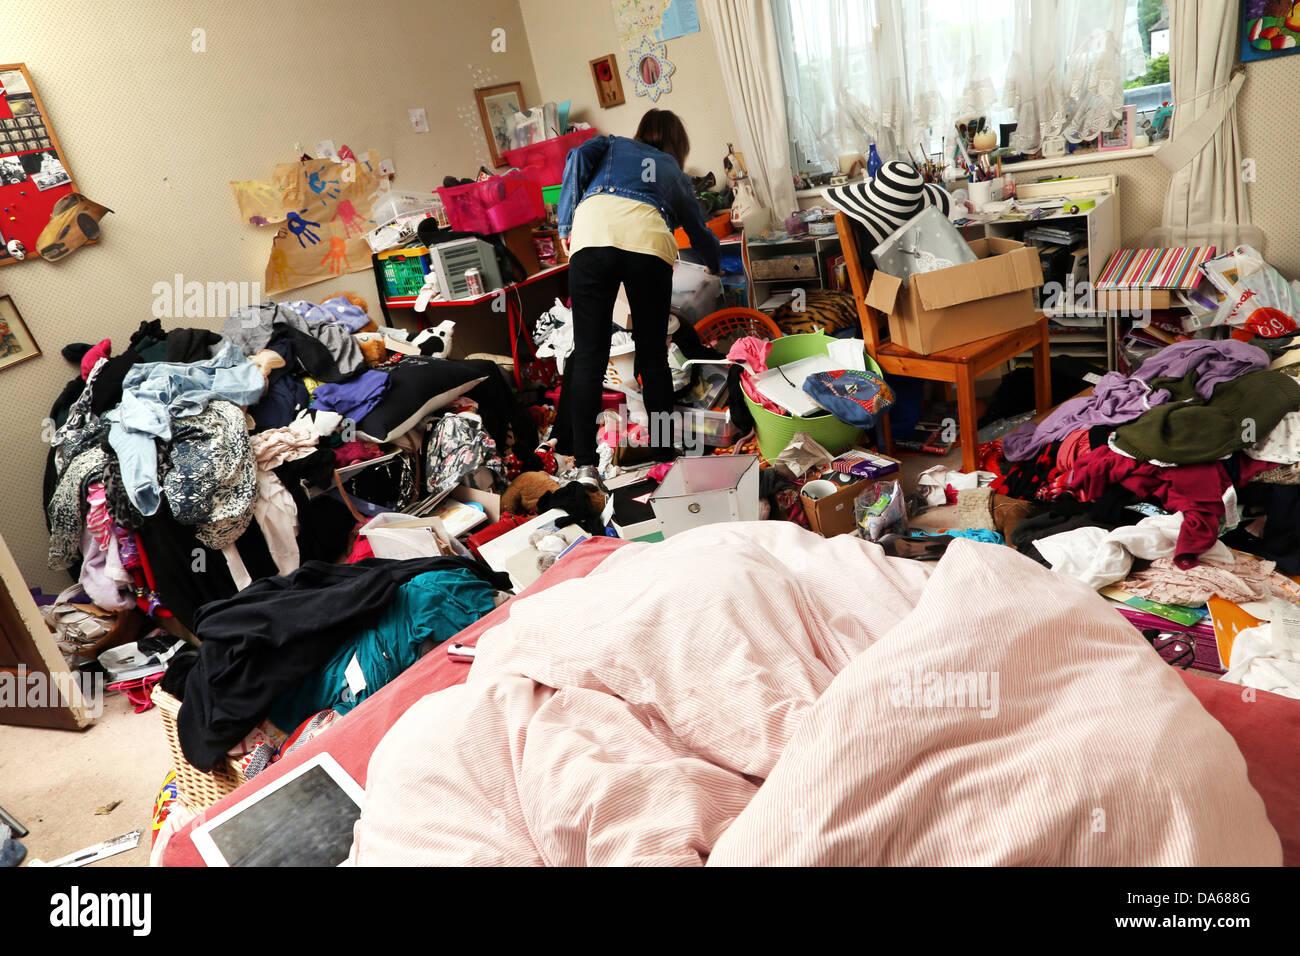 Messy Teen Bedroom Stockfotos Und Bilder Kaufen Alamy